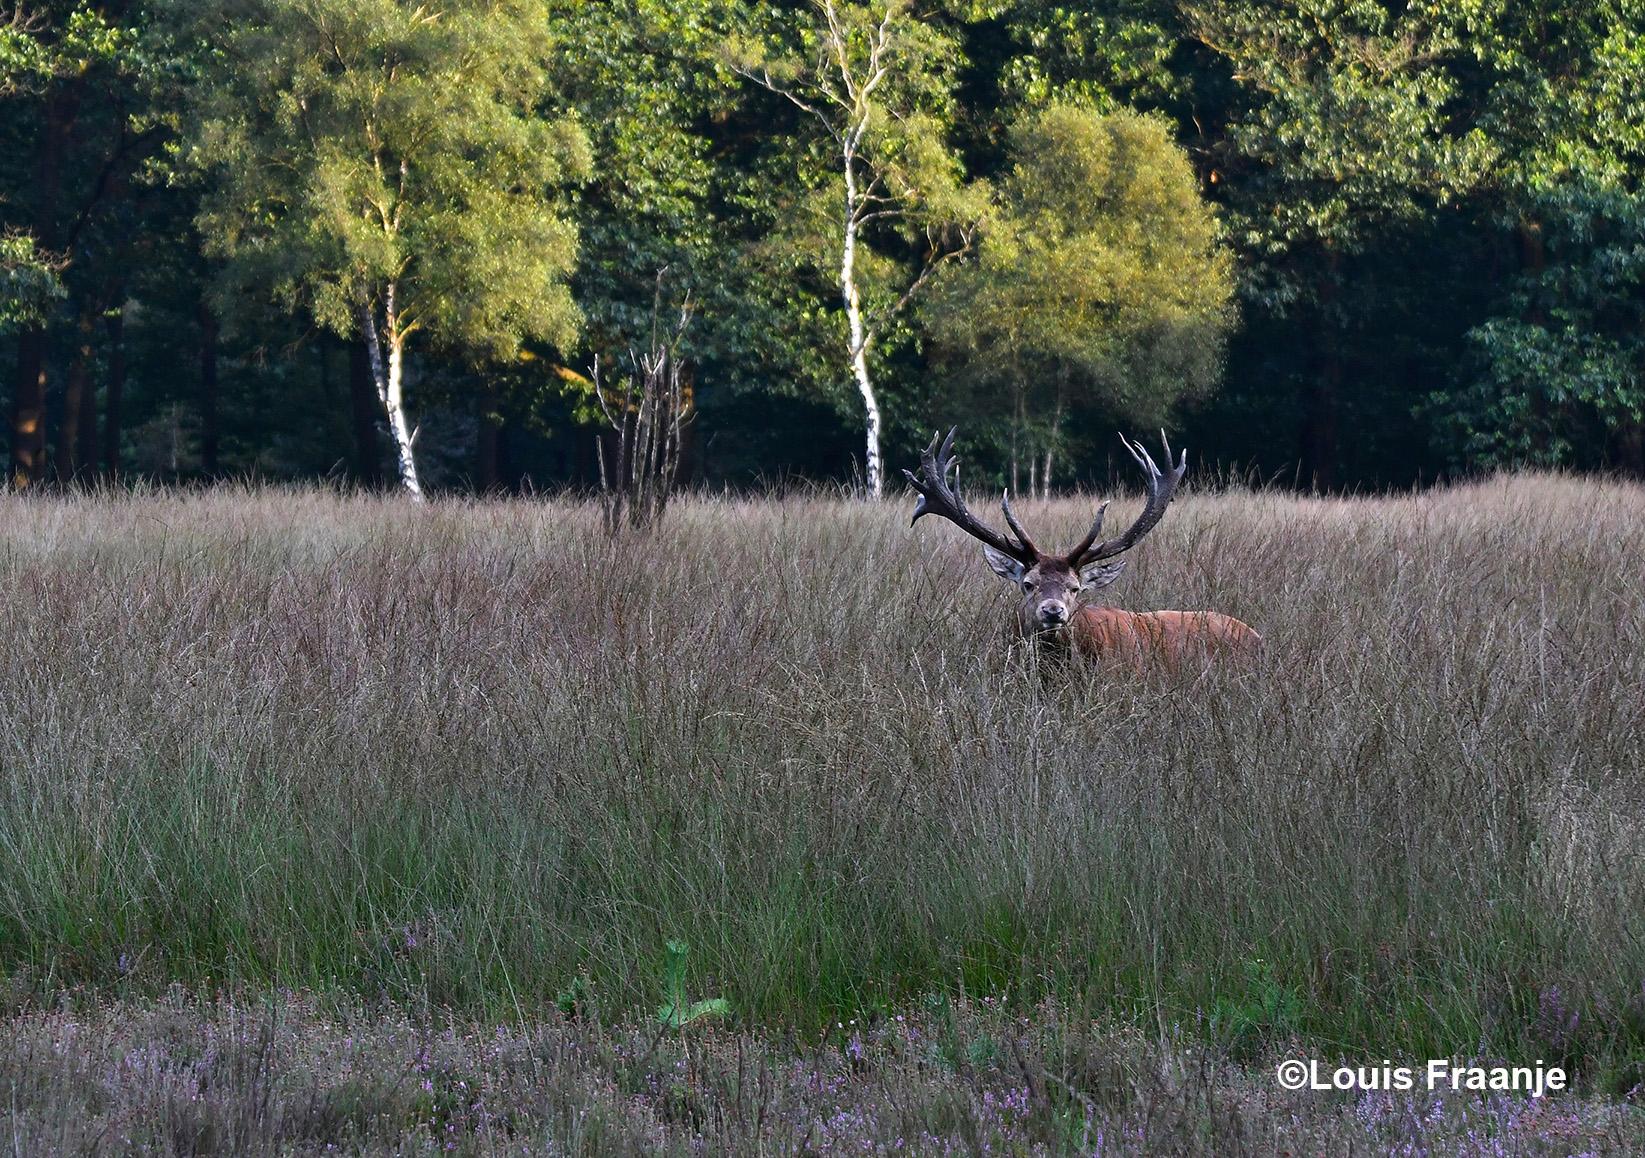 Dan kijkt hij vanuit het hoge gras eens rustig om zich heen - Foto: ©Louis Fraanje